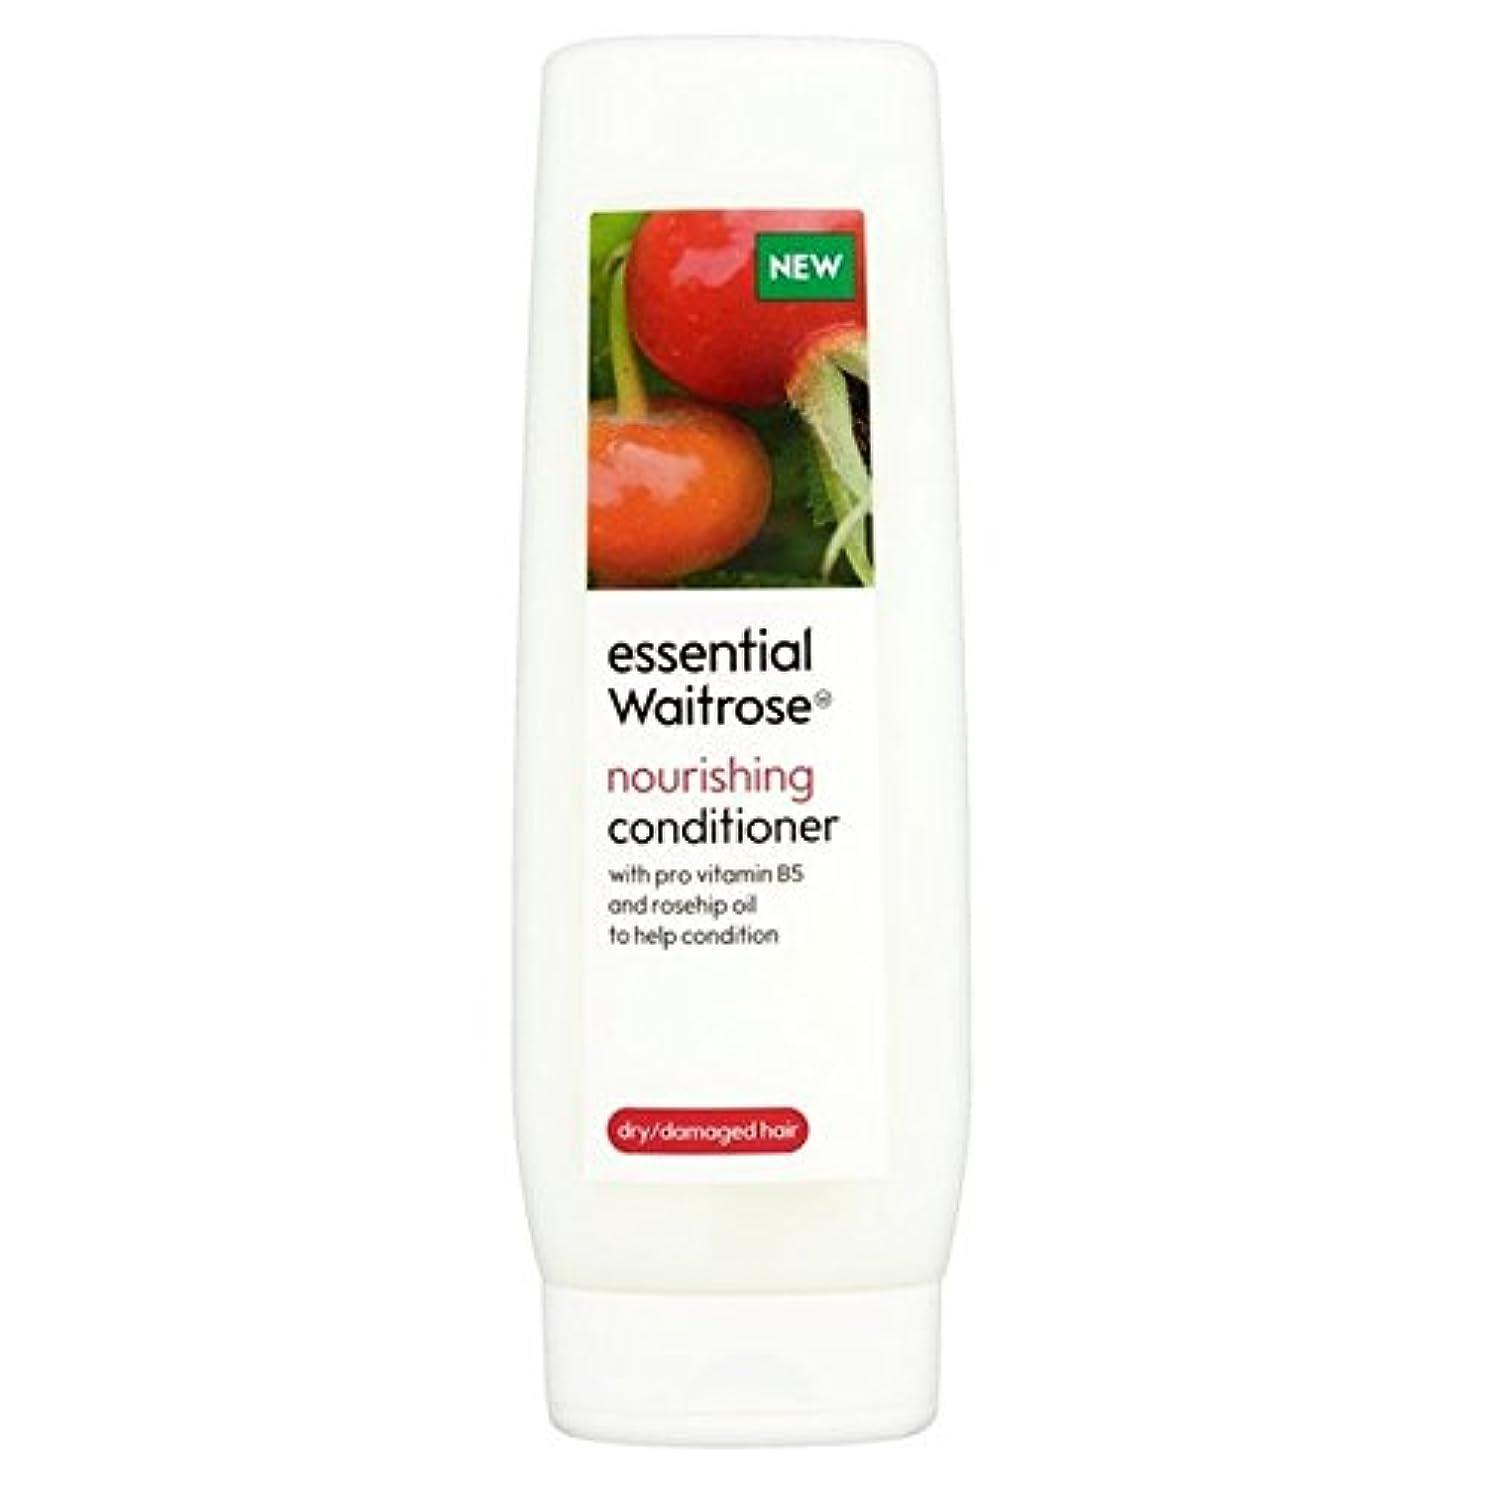 たぶん早熟視線Conditioner for Dry & Damaged Hair essential Waitrose 300ml (Pack of 6) - ドライ&ダメージヘア不可欠ウェイトローズの300ミリリットルのためのコンディショナー x6 [並行輸入品]